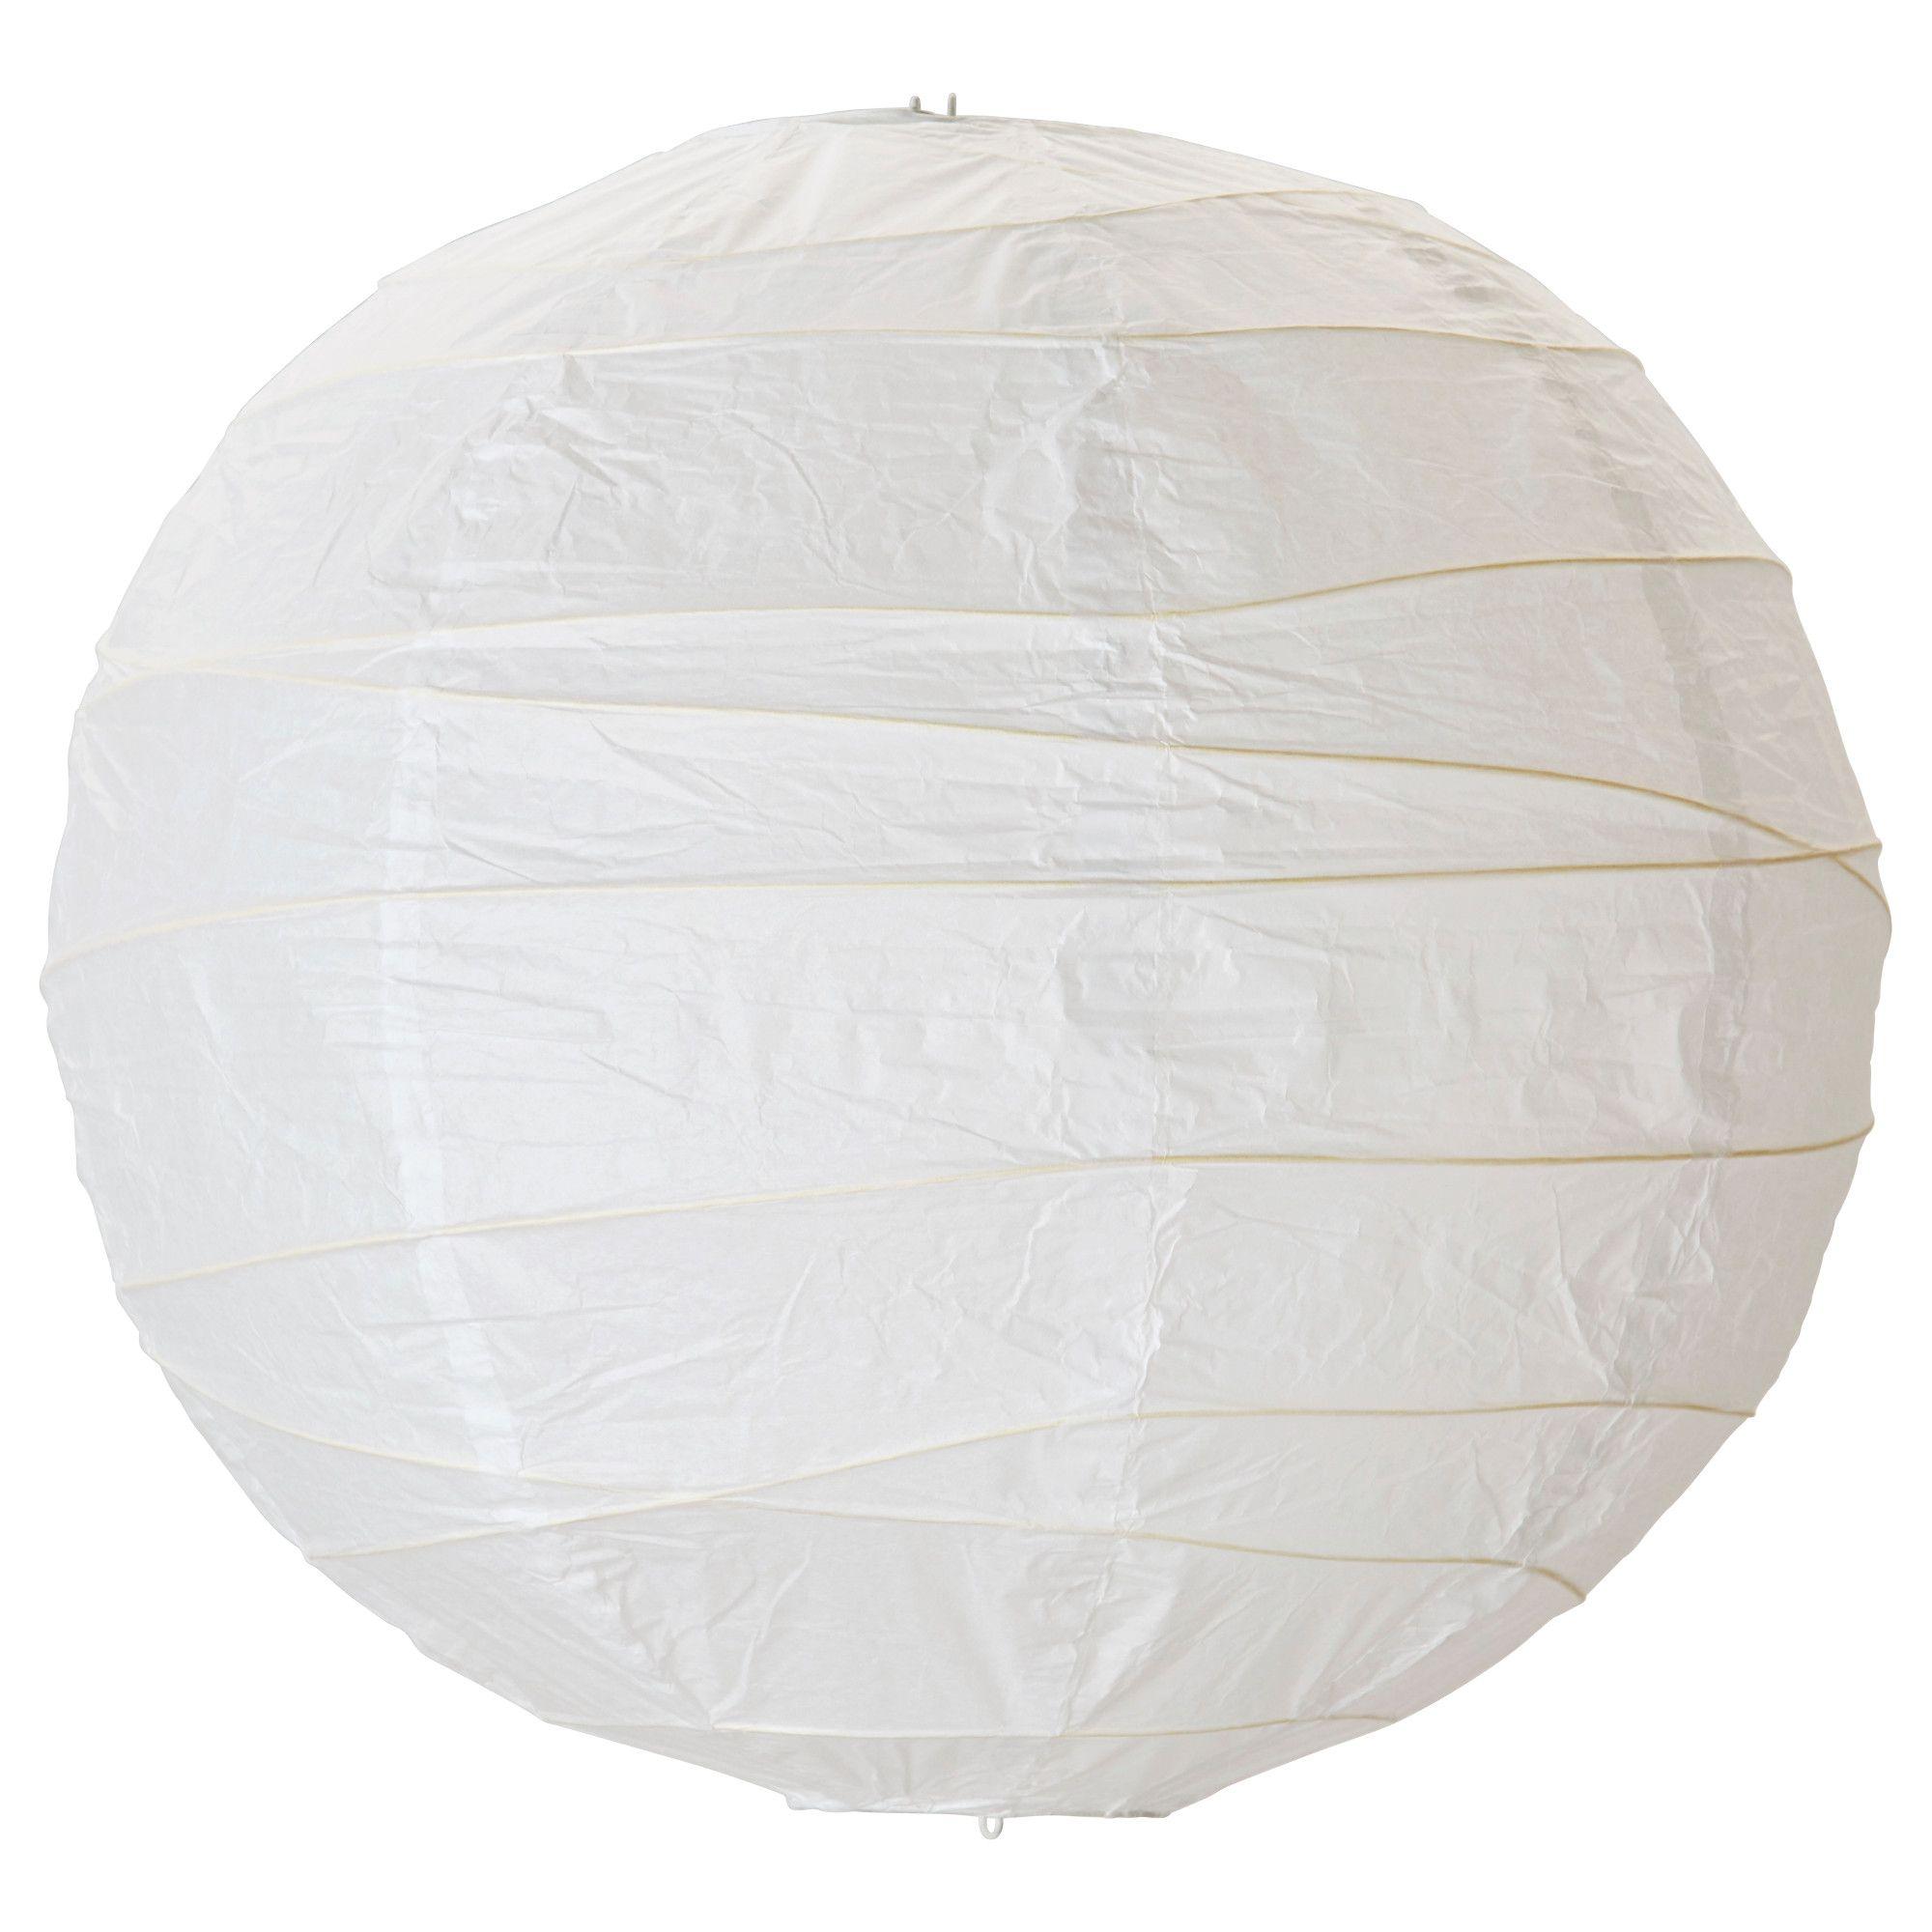 REGOLIT Abat jour suspension, blanc, 45cm. IKEA® Canada